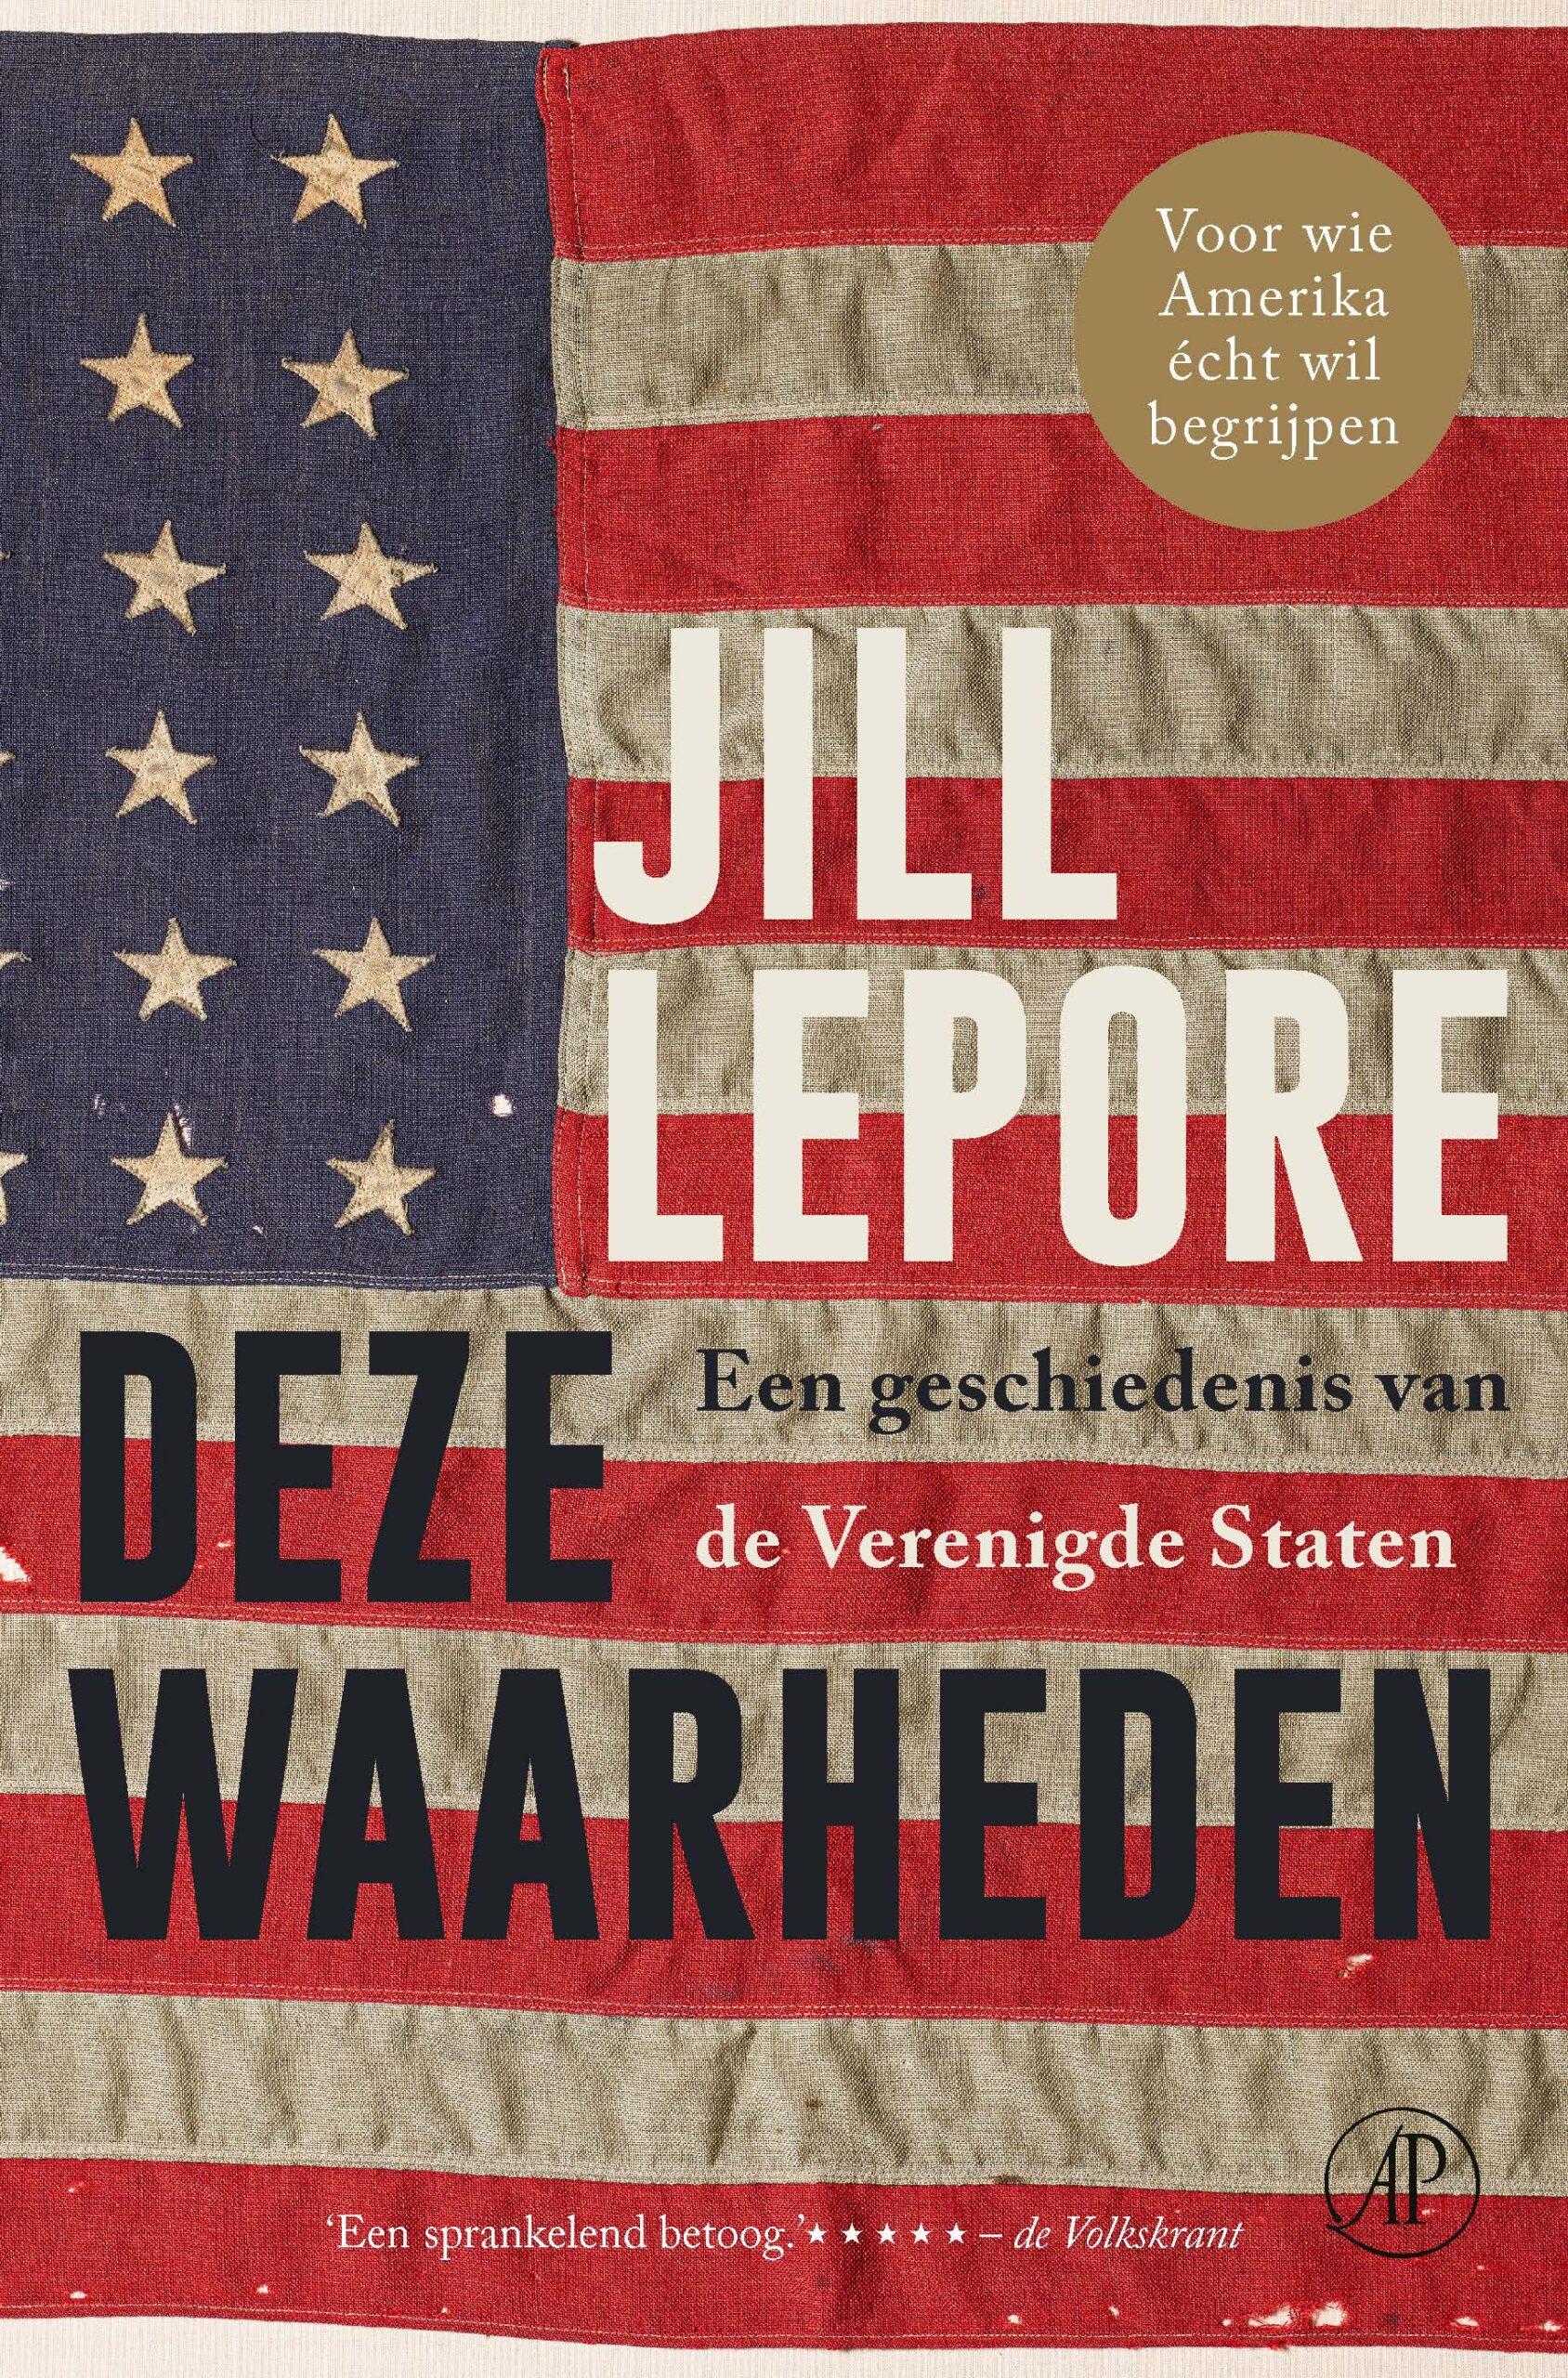 Deze waarheden - boekenflits.nl